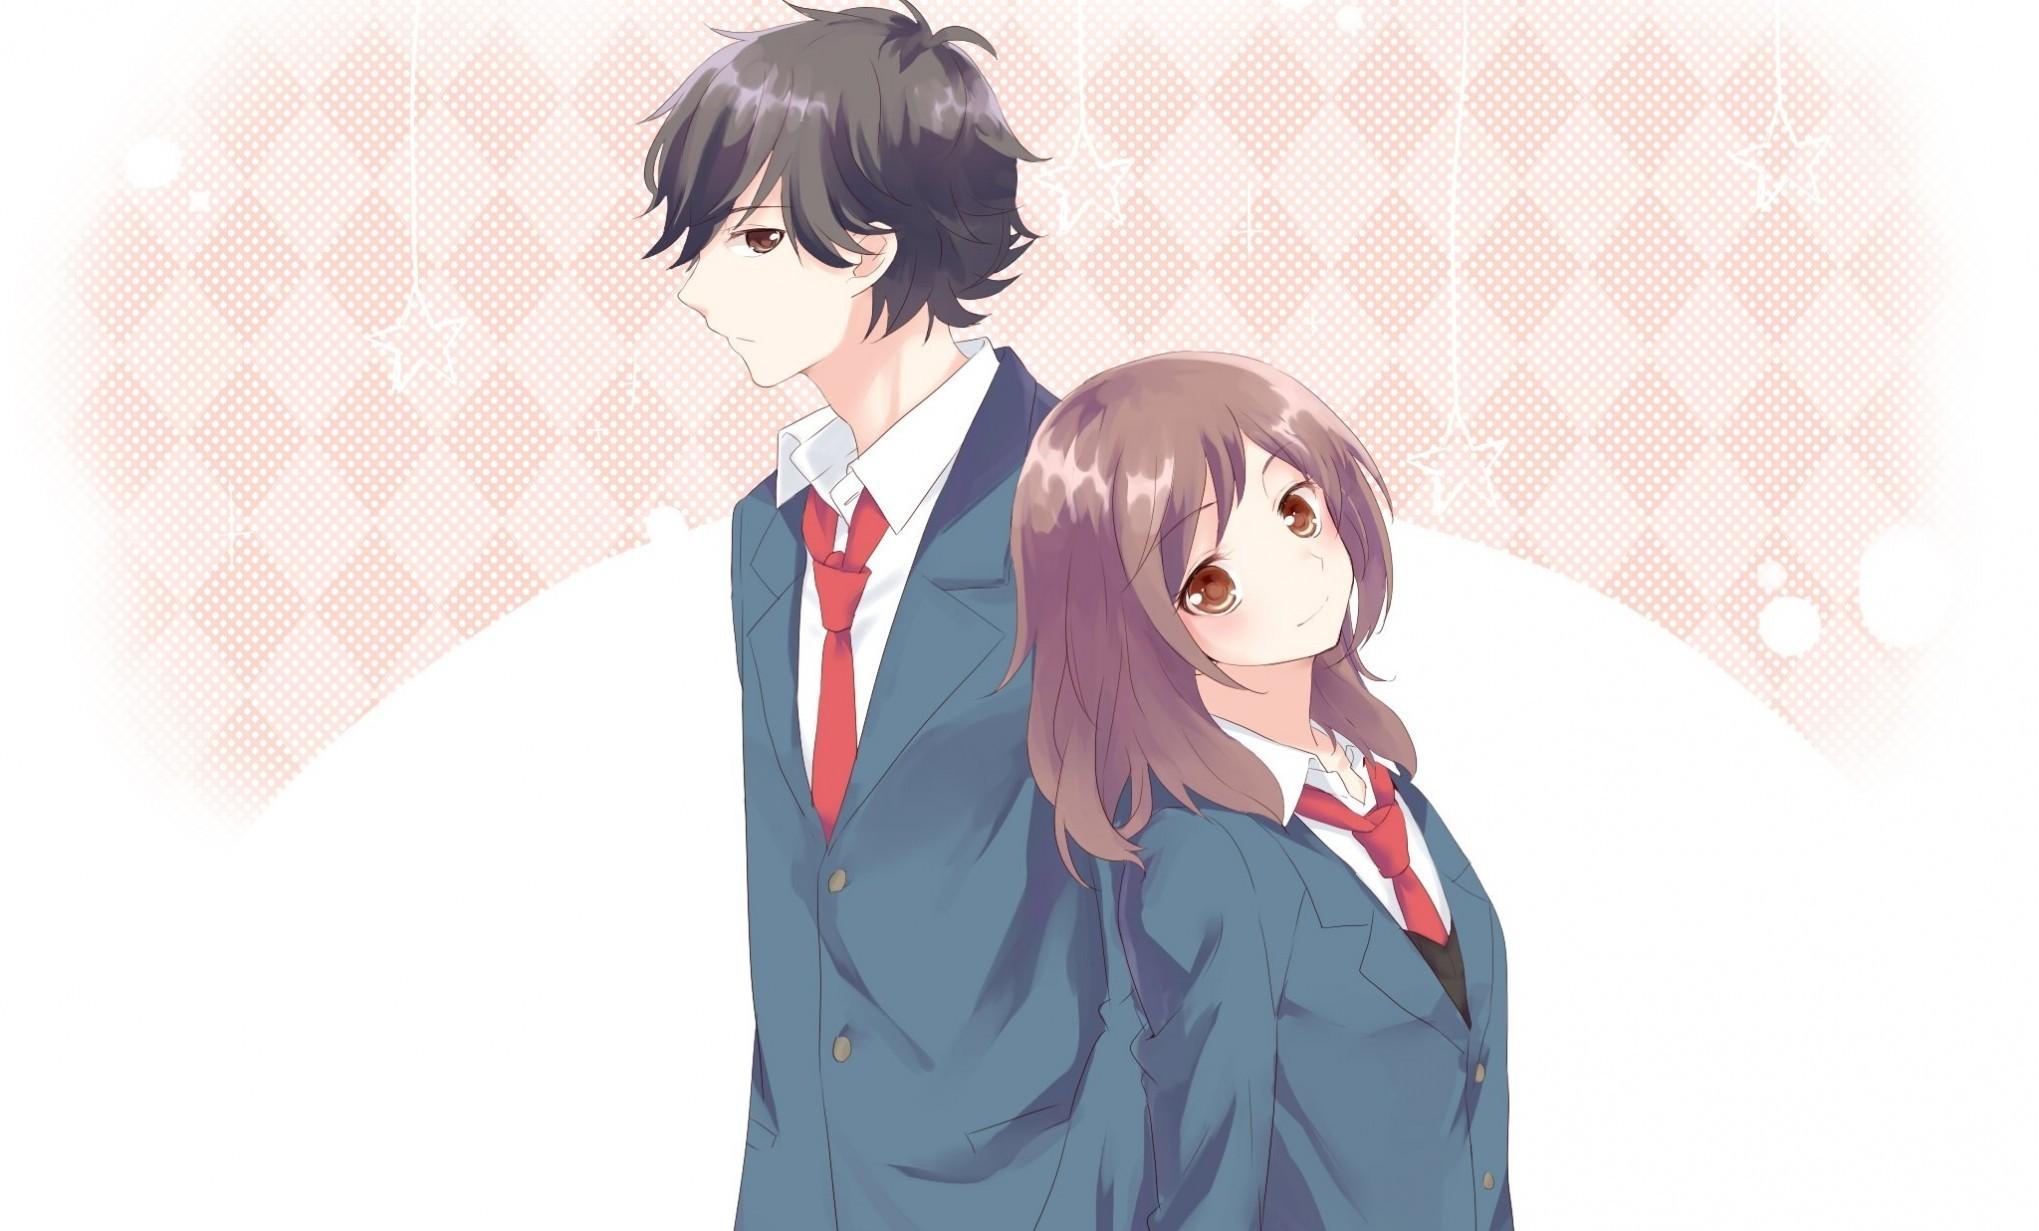 Res: 2039x1231, Ao Haru Ride, Mabuchi Kou, Yoshioka Futaba, School Uniforms, Anime Couple